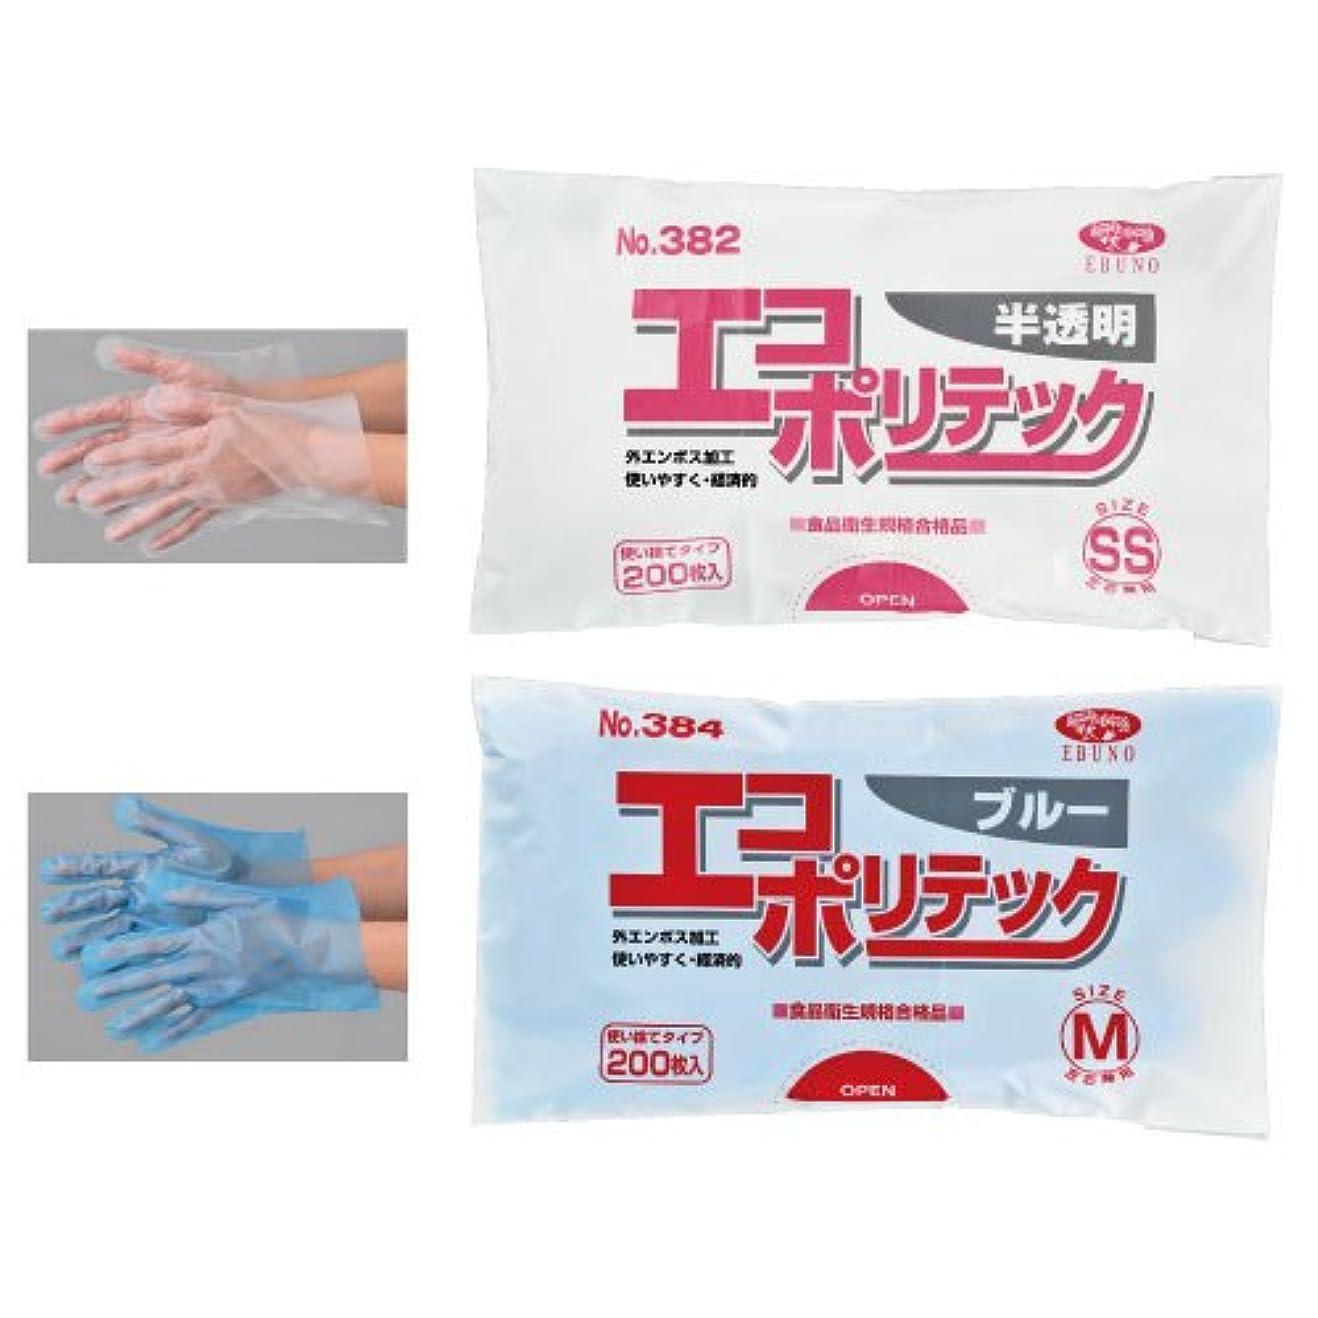 いらいらさせる連結する虫を数えるエブノ ポリエチレン手袋 No.382 S 半透明 (200枚×30袋) エコポリテック 袋入